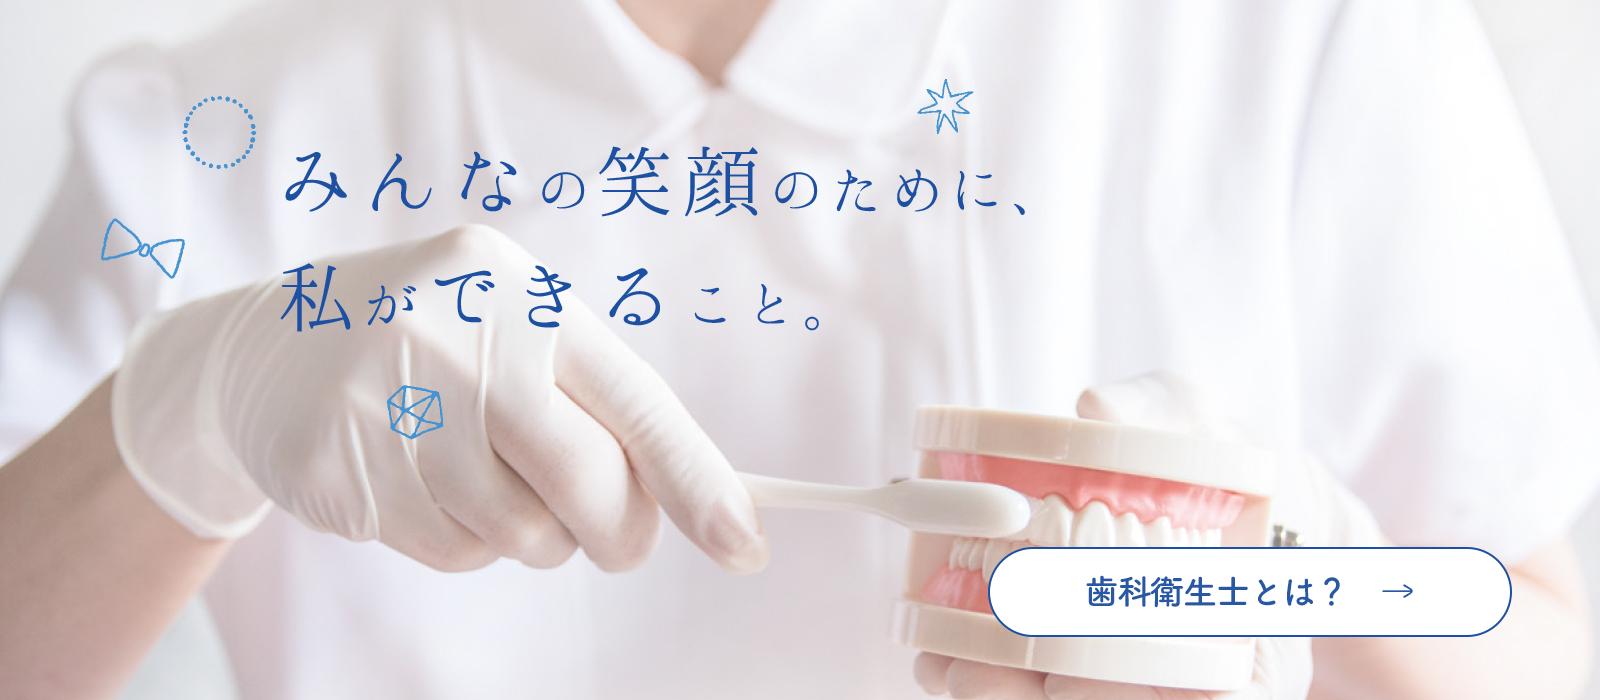 https://dental.ao-g.jp/wp-content/uploads/2018/03/mainvisual_bn_02.jpg